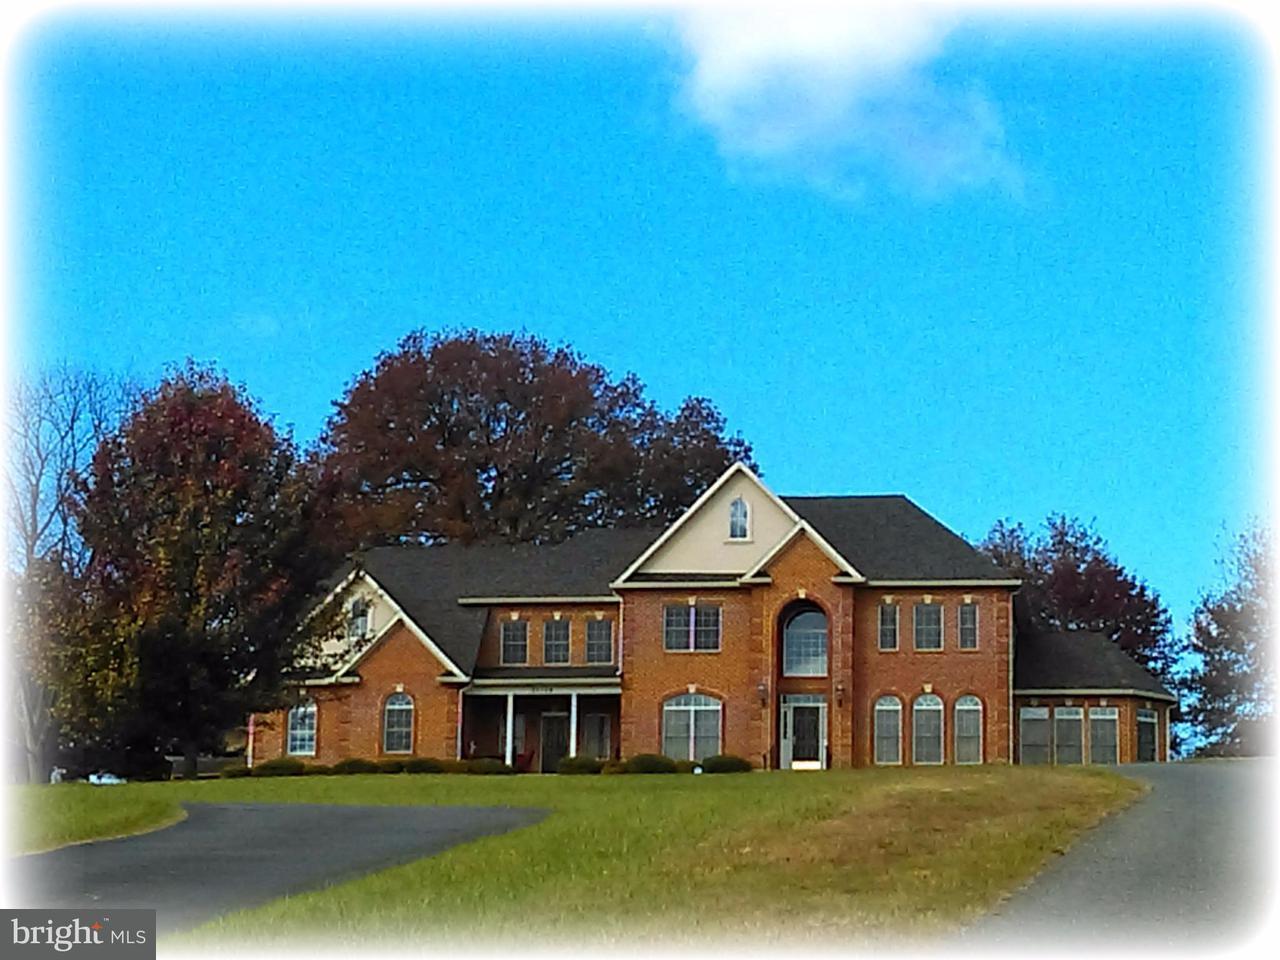 Μονοκατοικία για την Πώληση στο 25106 Highland Manor Court 25106 Highland Manor Court Laytonsville, Μεριλαντ 20882 Ηνωμενεσ Πολιτειεσ